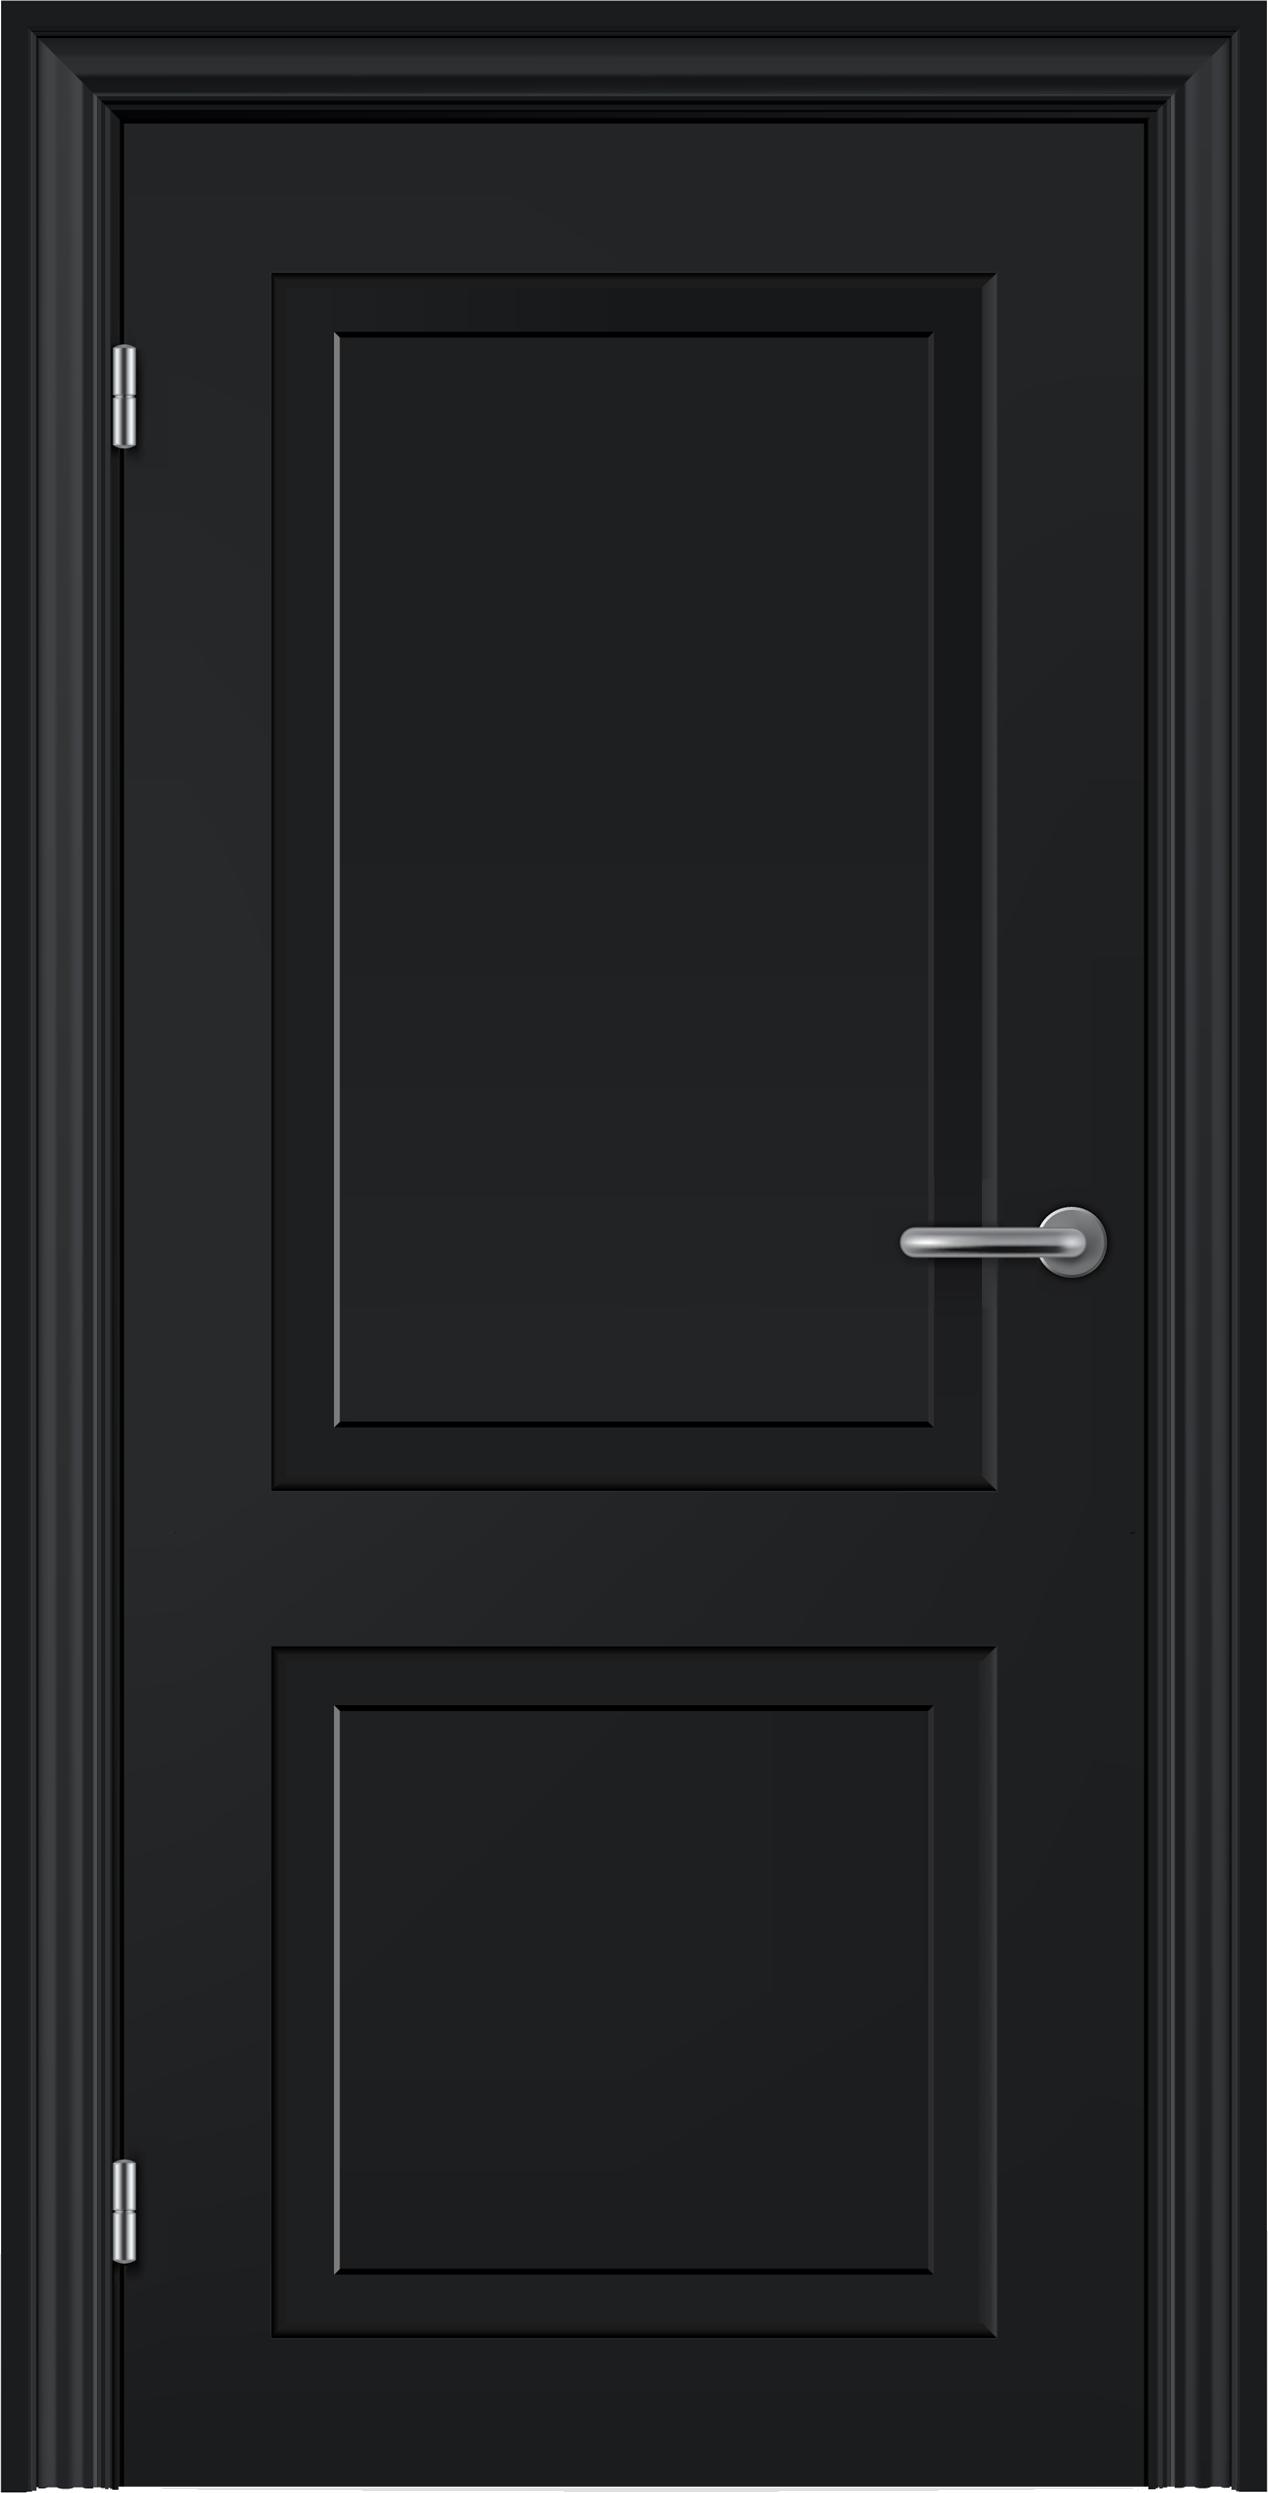 Door Png Image Black Doors Dream Home Design Doors